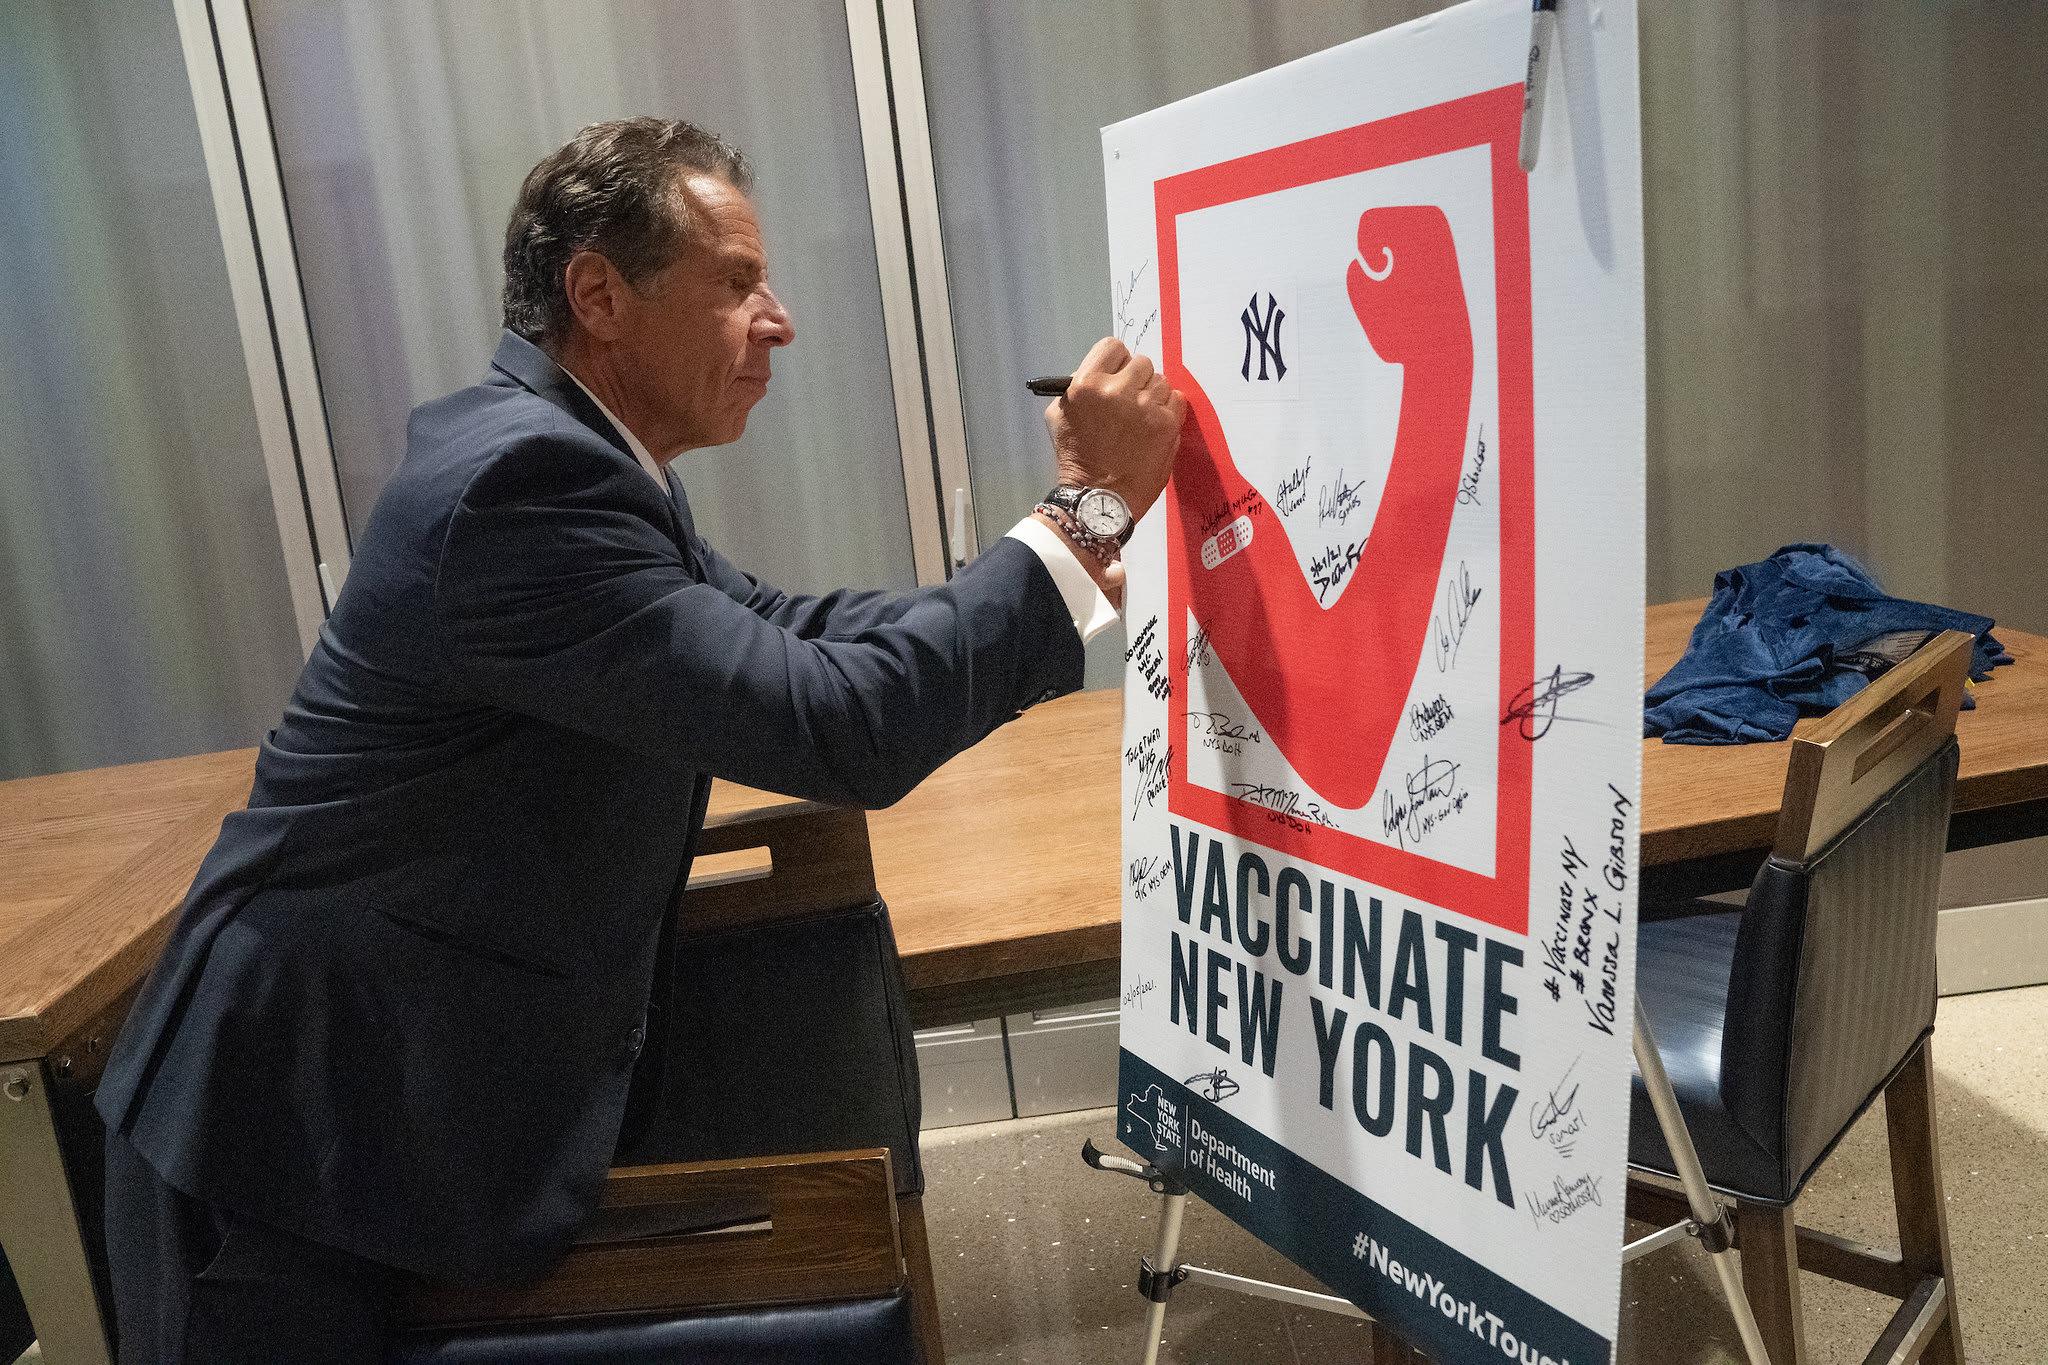 Andrew M. Cuomo, governador de Nova York, autografando um poster de vacinação.